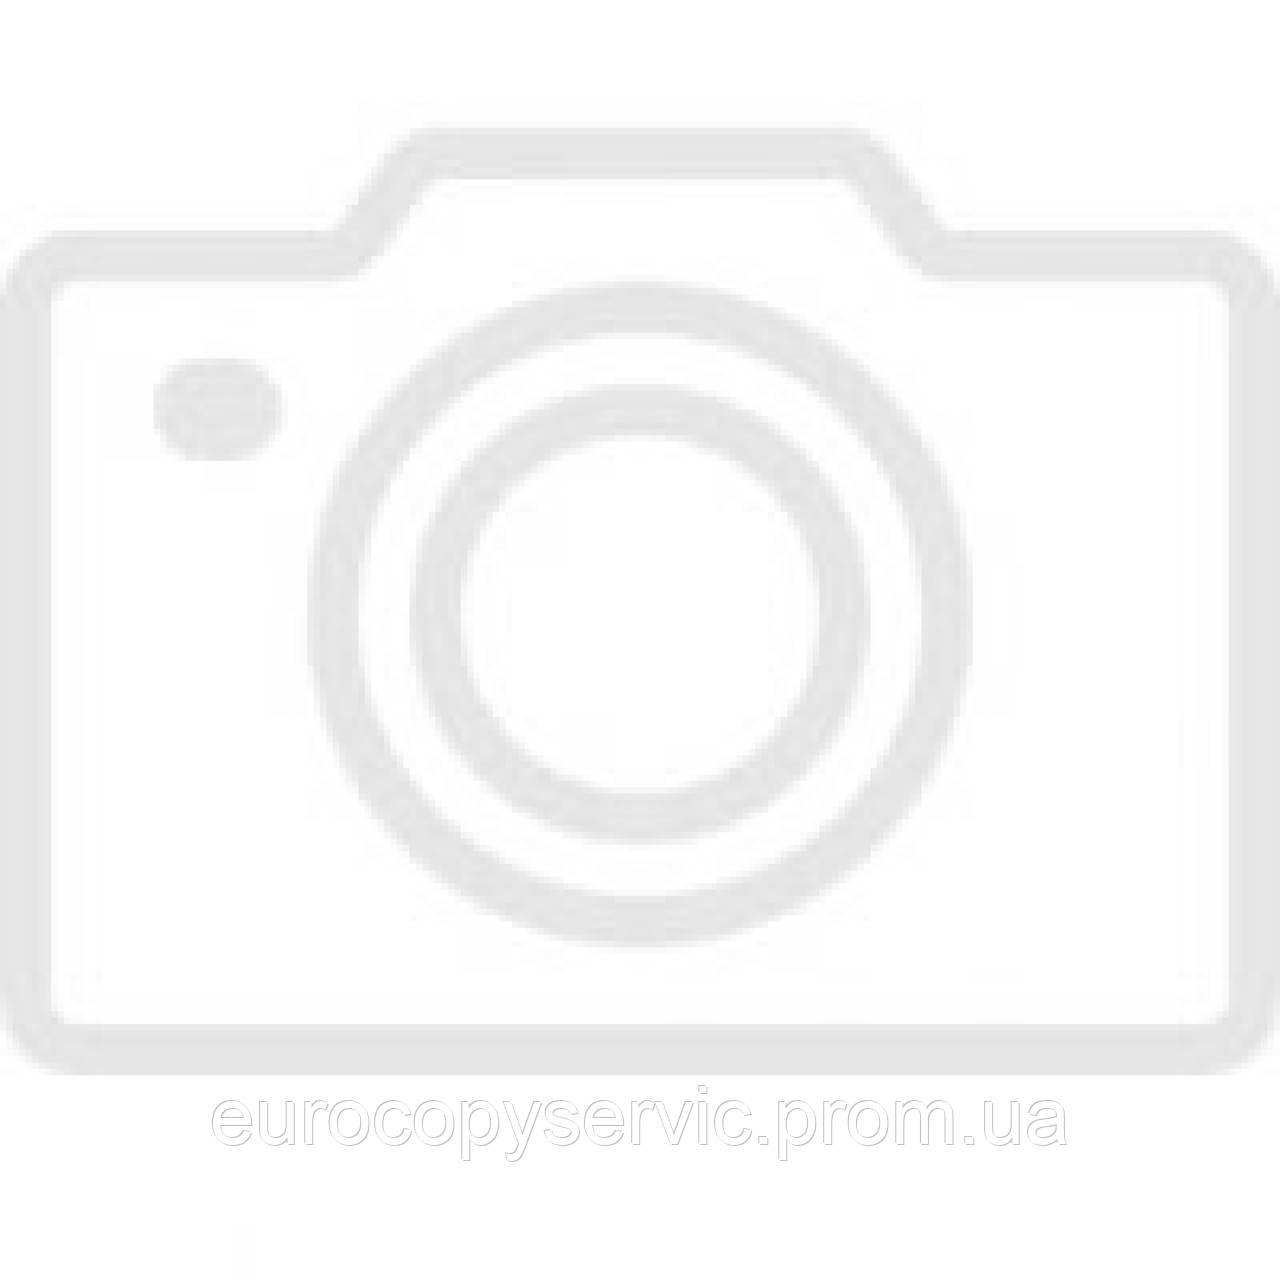 Нижній лоток (касета) в зборі ML17xx / SCX4x16 / WC PE16 / Ph3130 / 3120/3115/3121 (JC97-01750A) Б / В